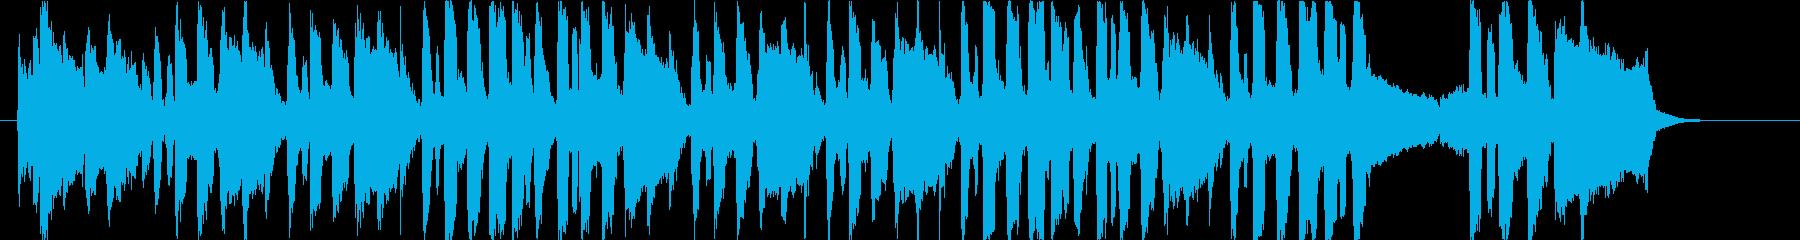 誕生日の歌(ワルツver) 【ハナ】の再生済みの波形